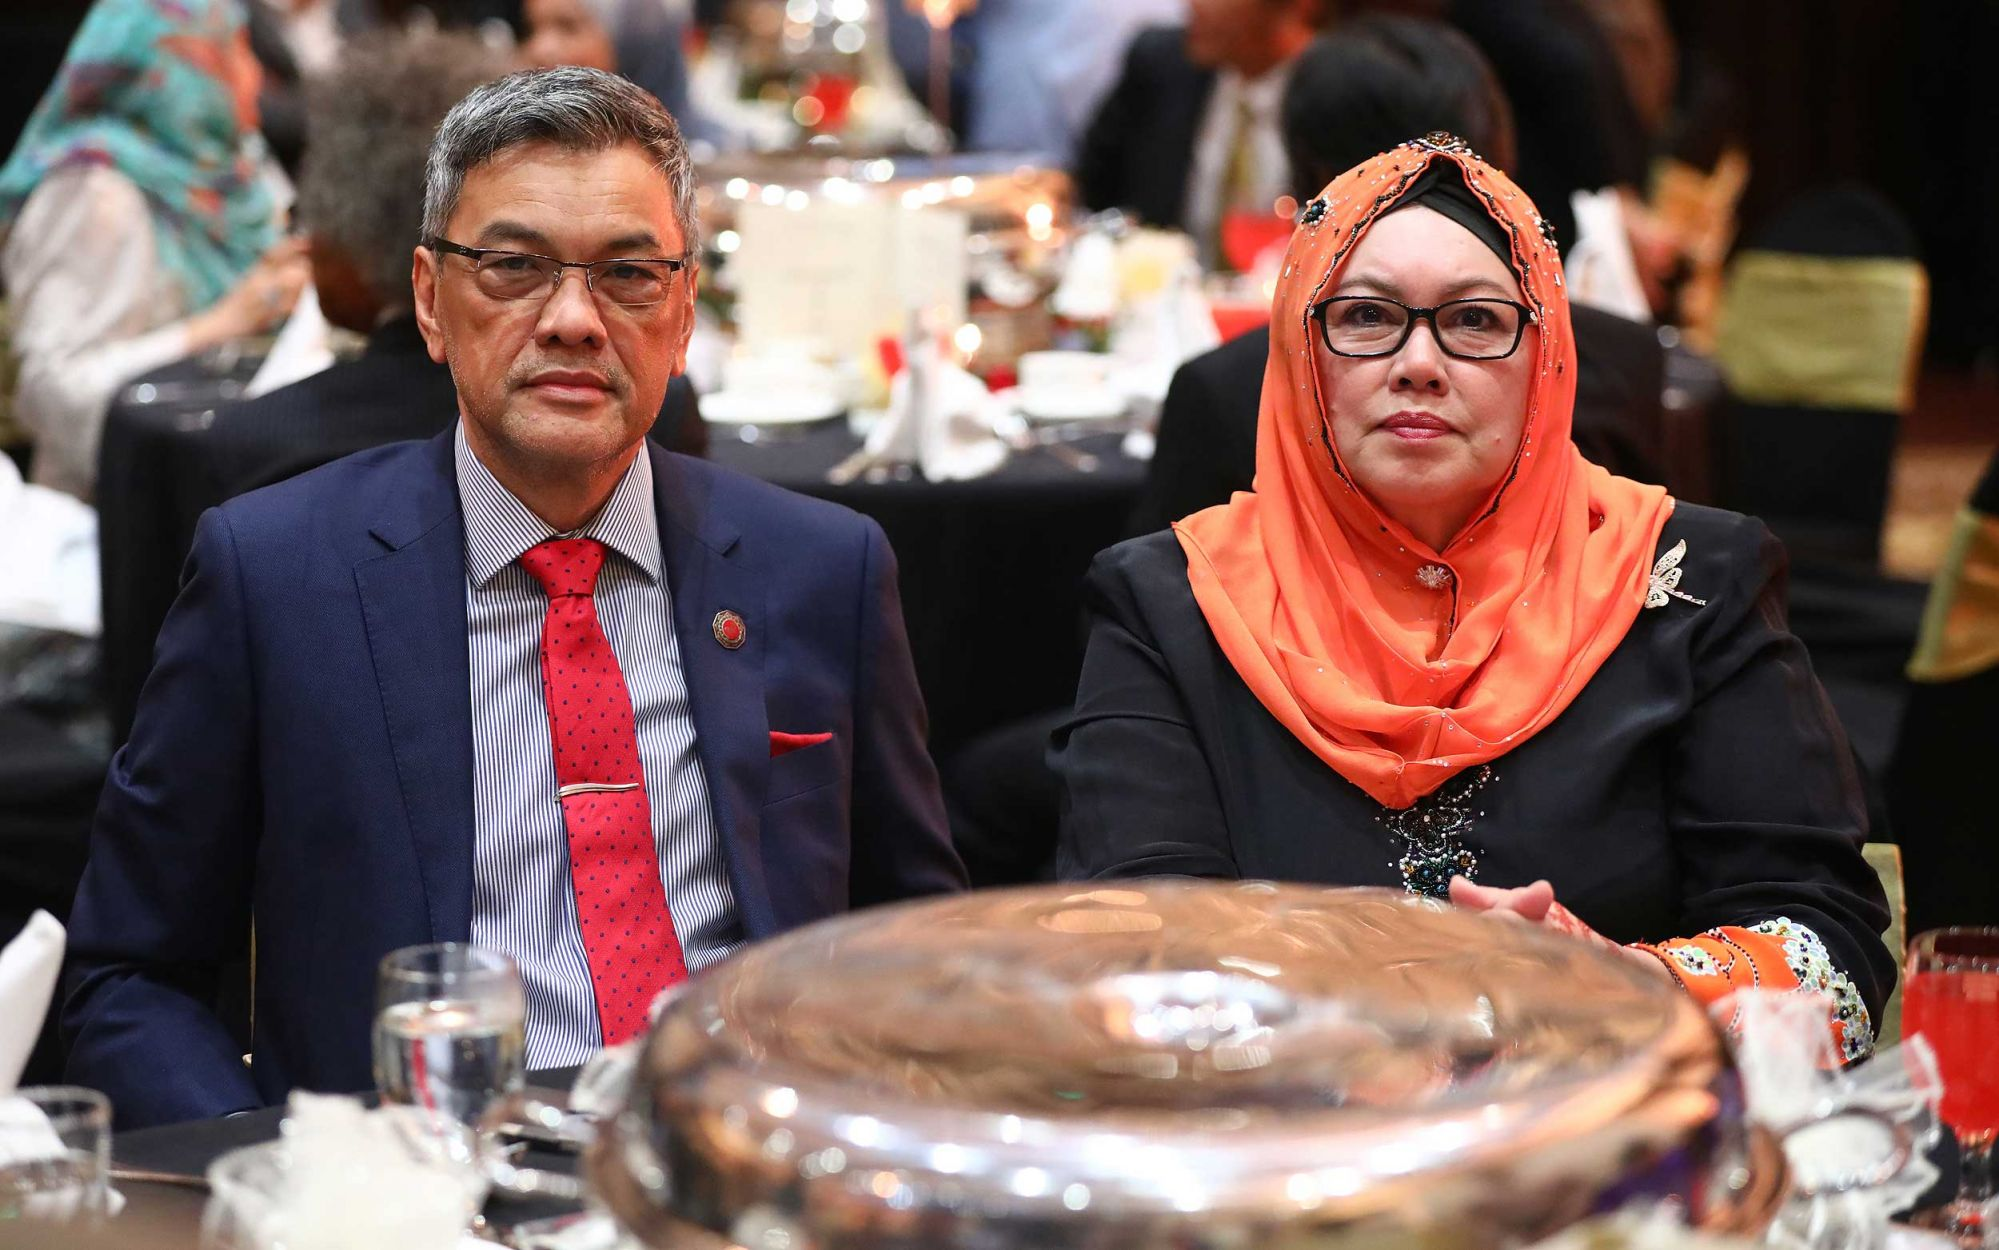 Tengku Seri Paduka Esfandiari and To' Puan Datin Siti Rahilah